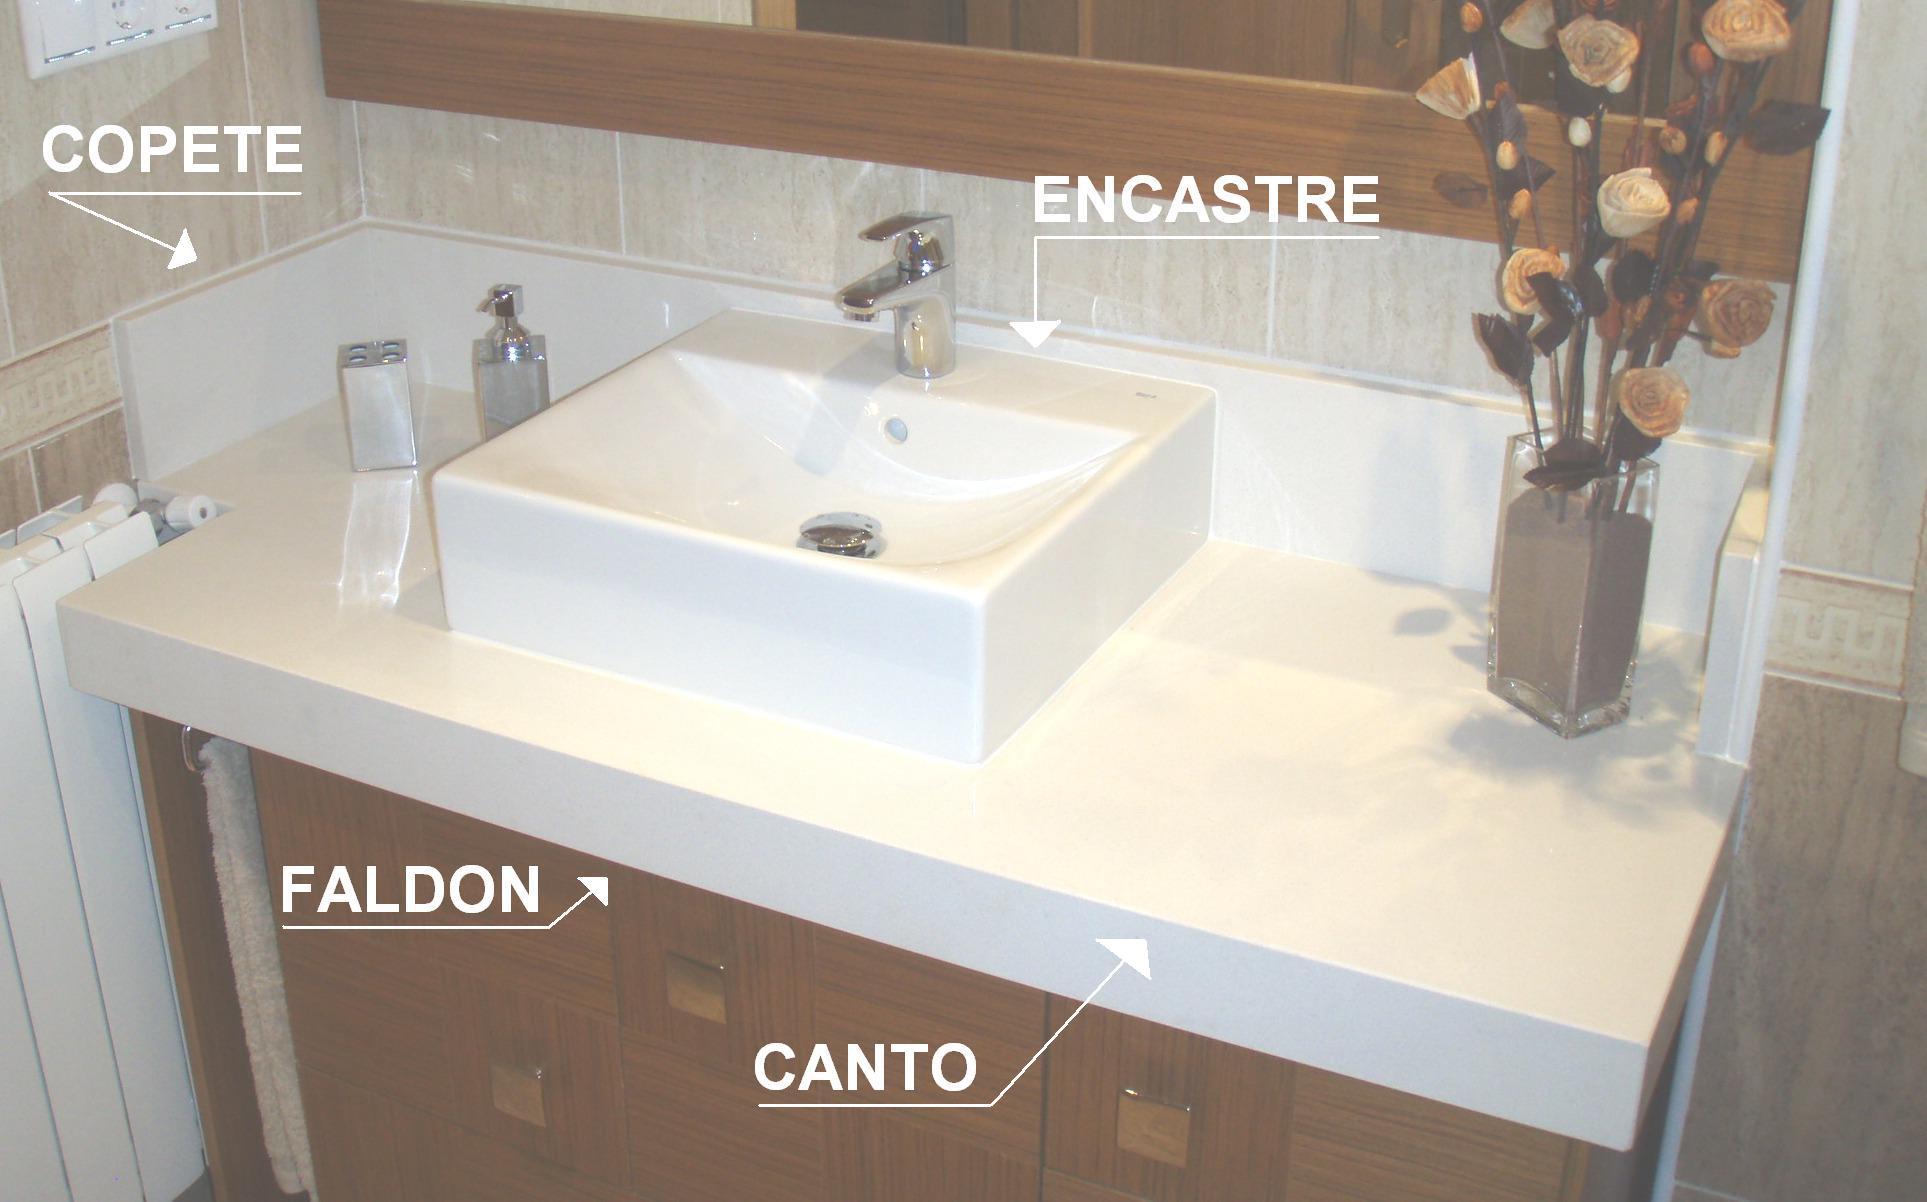 Marmolistas alicante encimeras de ba o silestone granito - Lavabos de marmol para bano ...